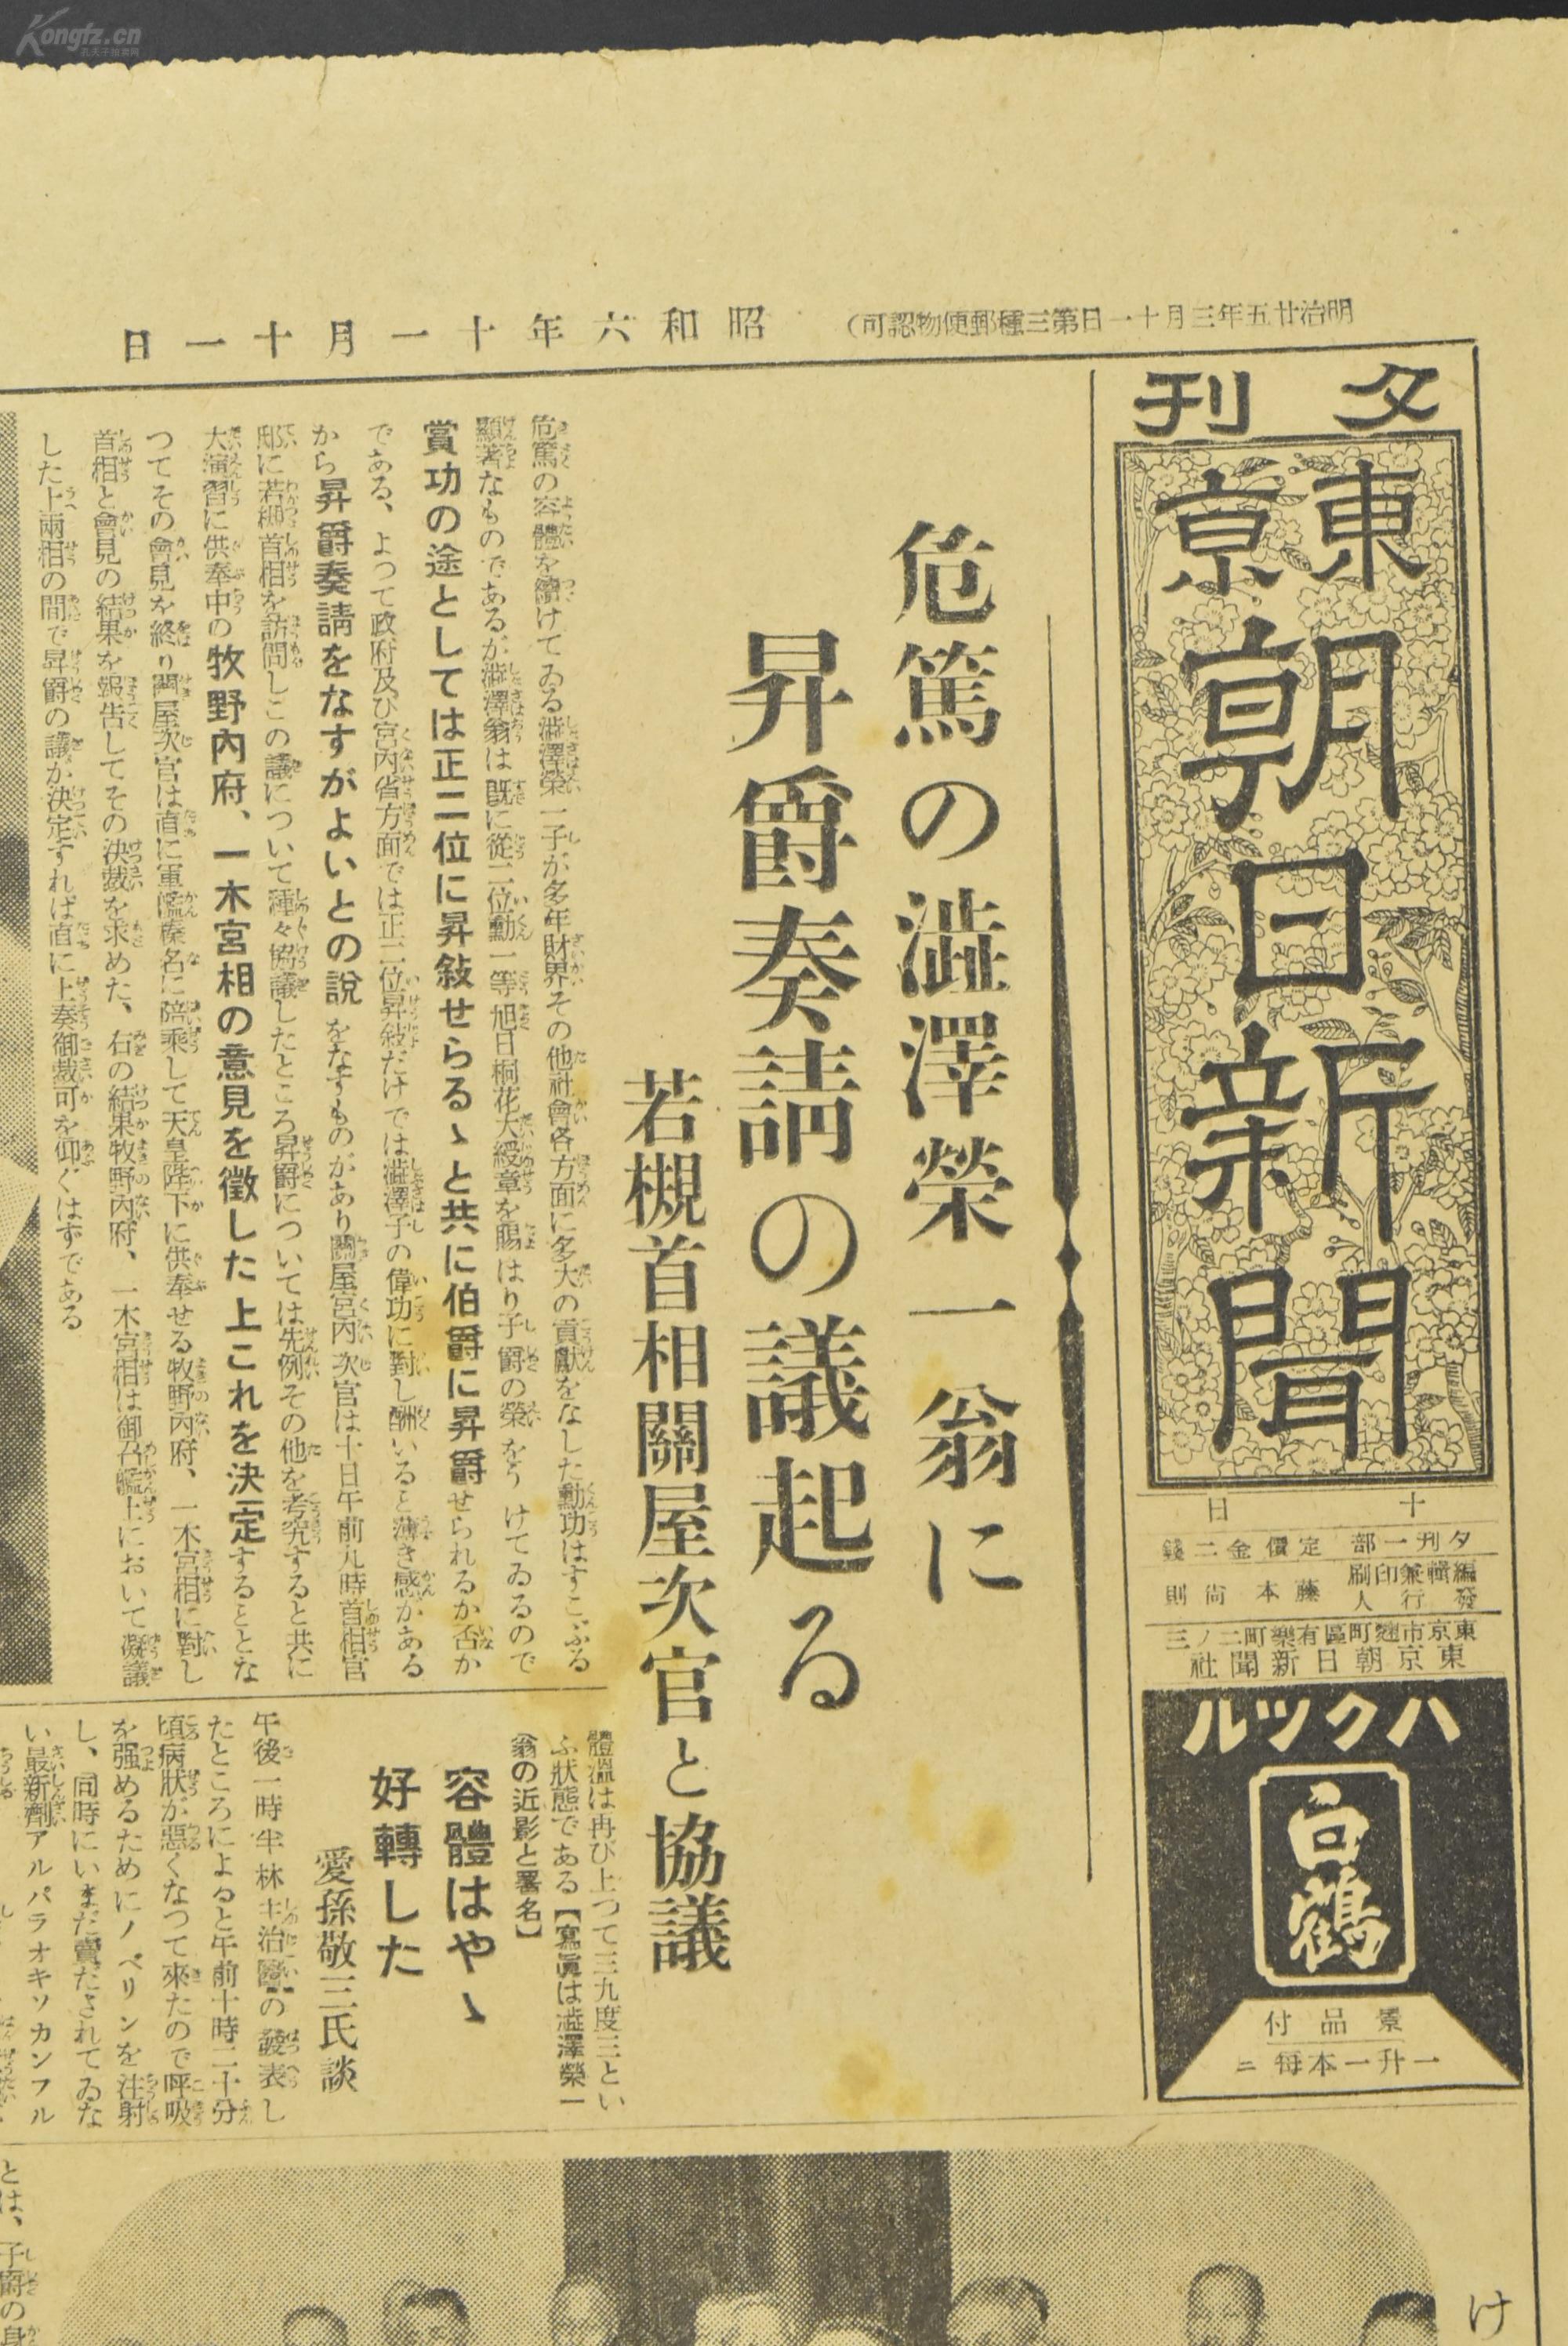 """韩不满涩泽荣一登上日本新钞:他与殖民统治""""有关"""""""